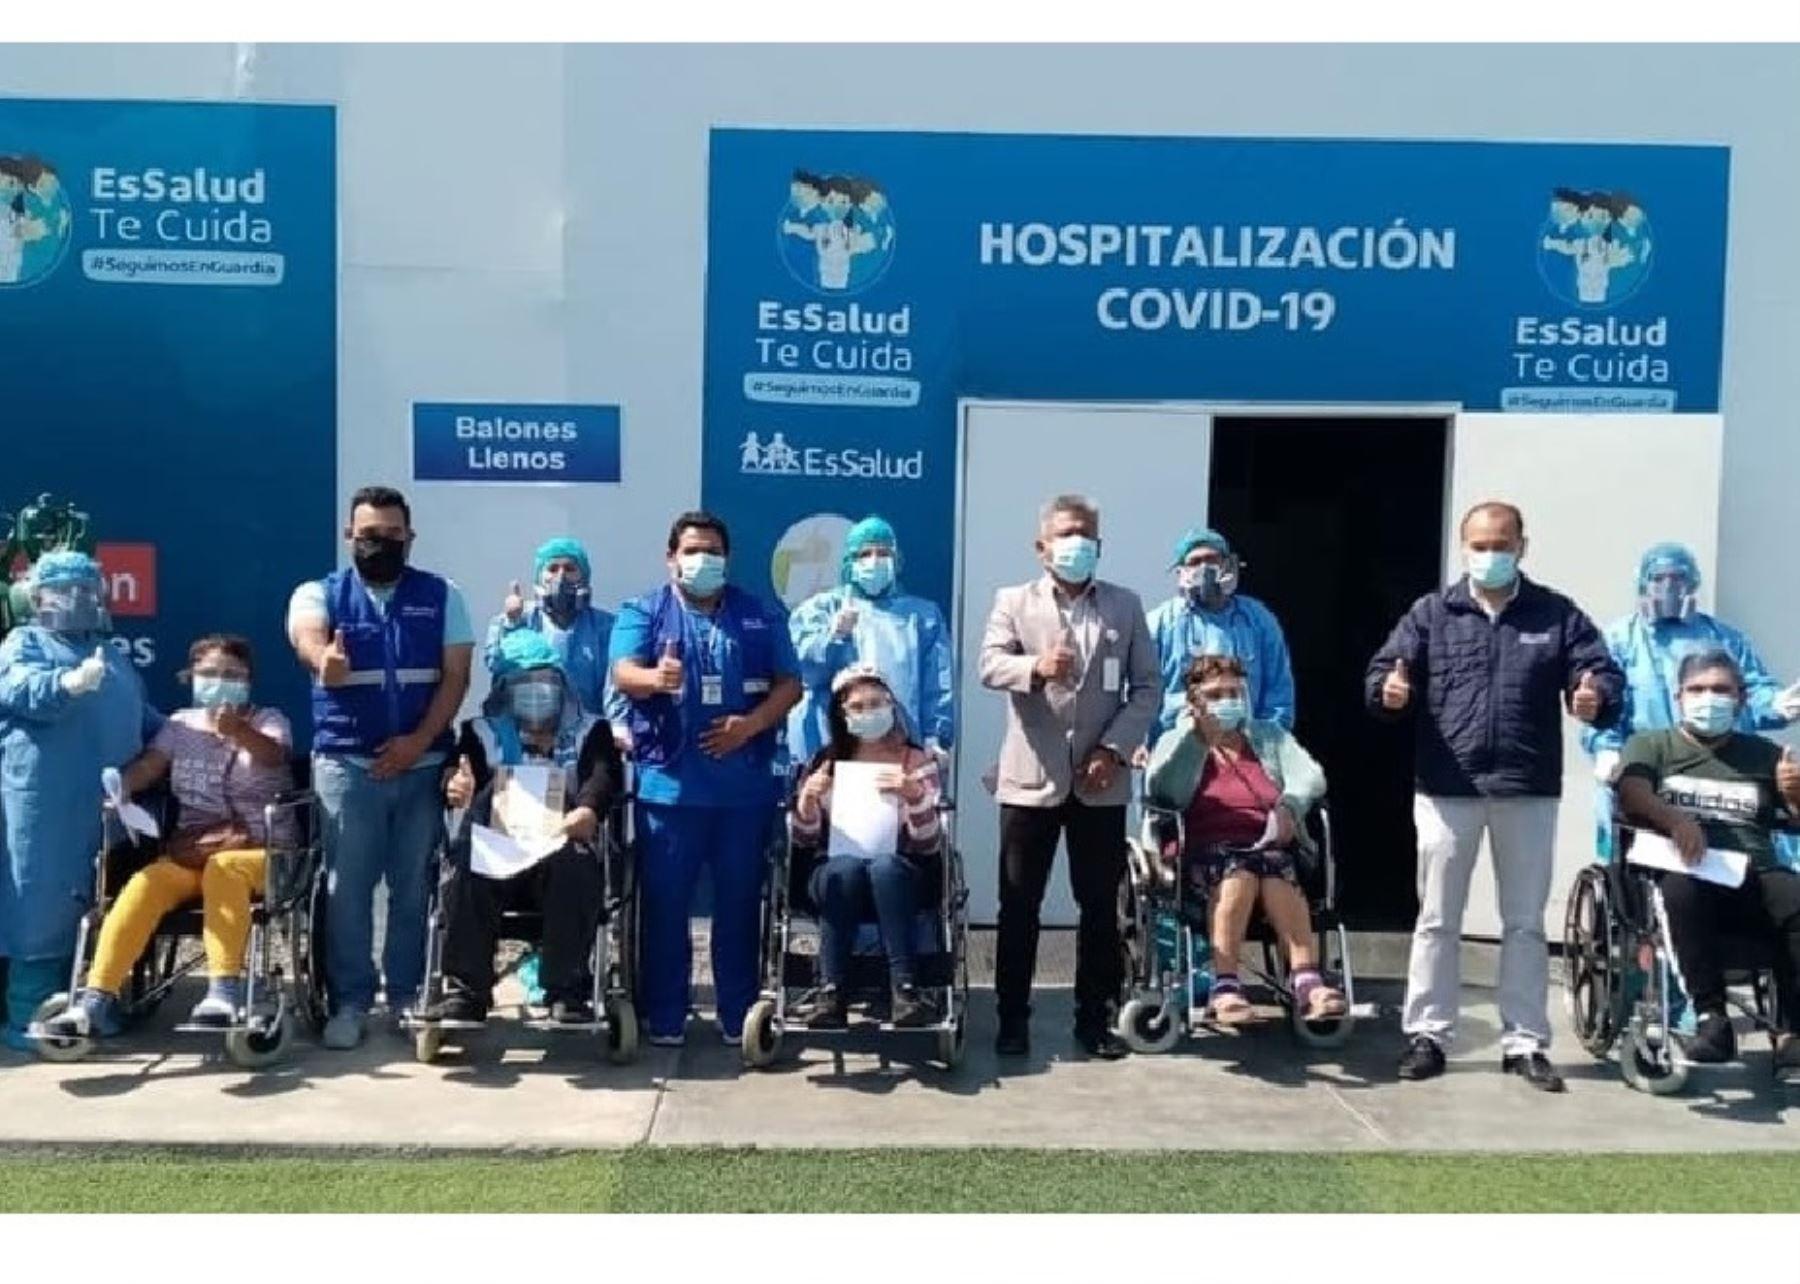 ¡Victoriosos! 5 miembros de una familia superan el covid-19 y reciben el alta en Chimbote